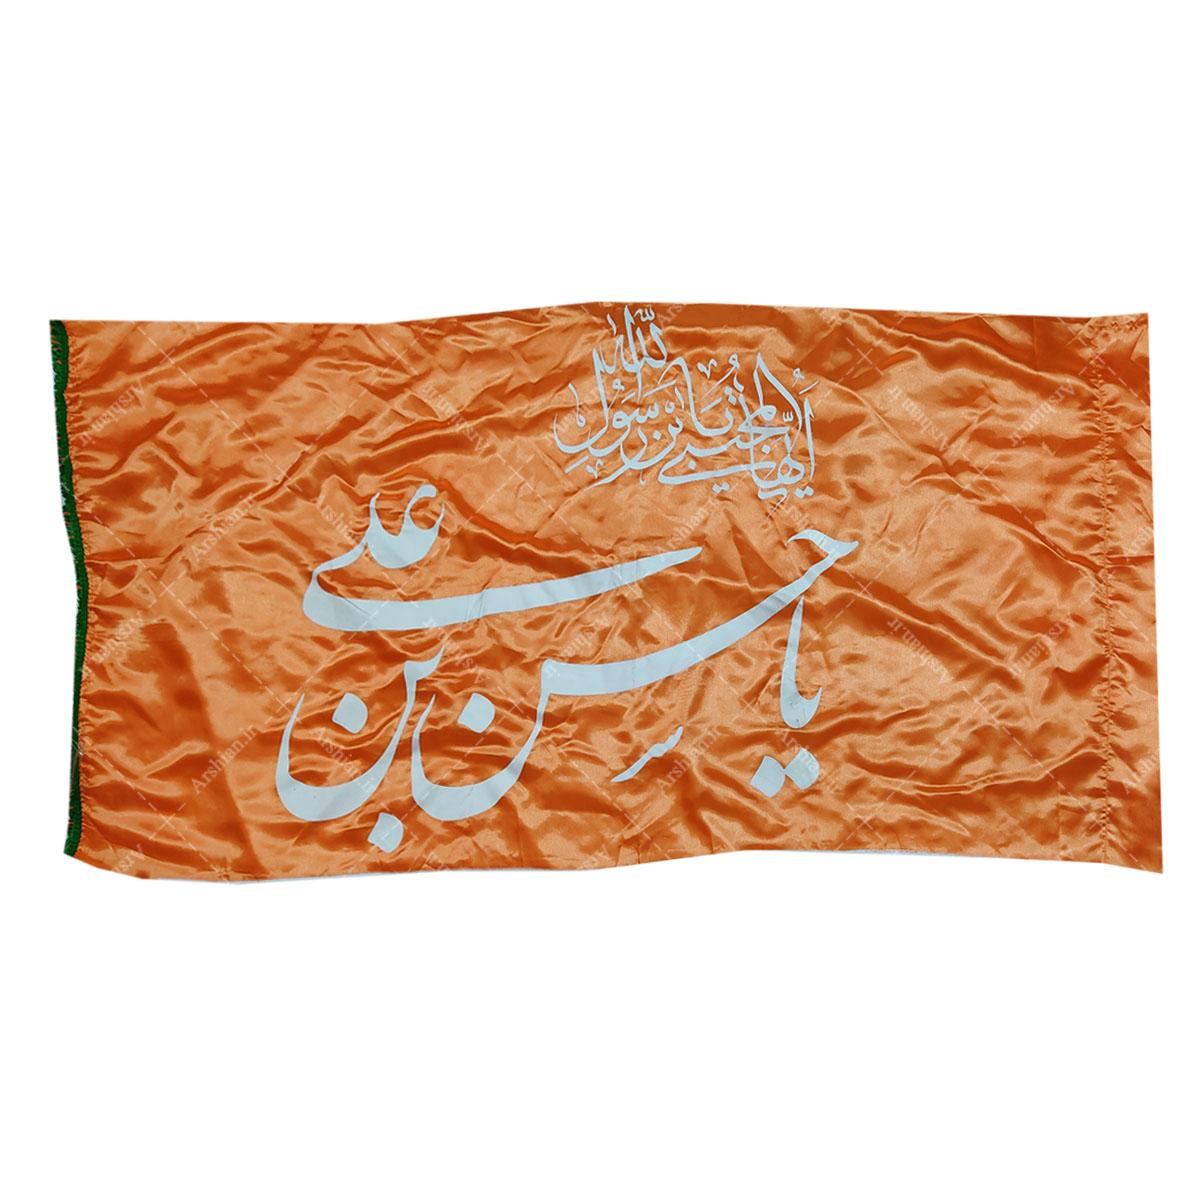 پرچم ساتن یاحسن بن علی کد004